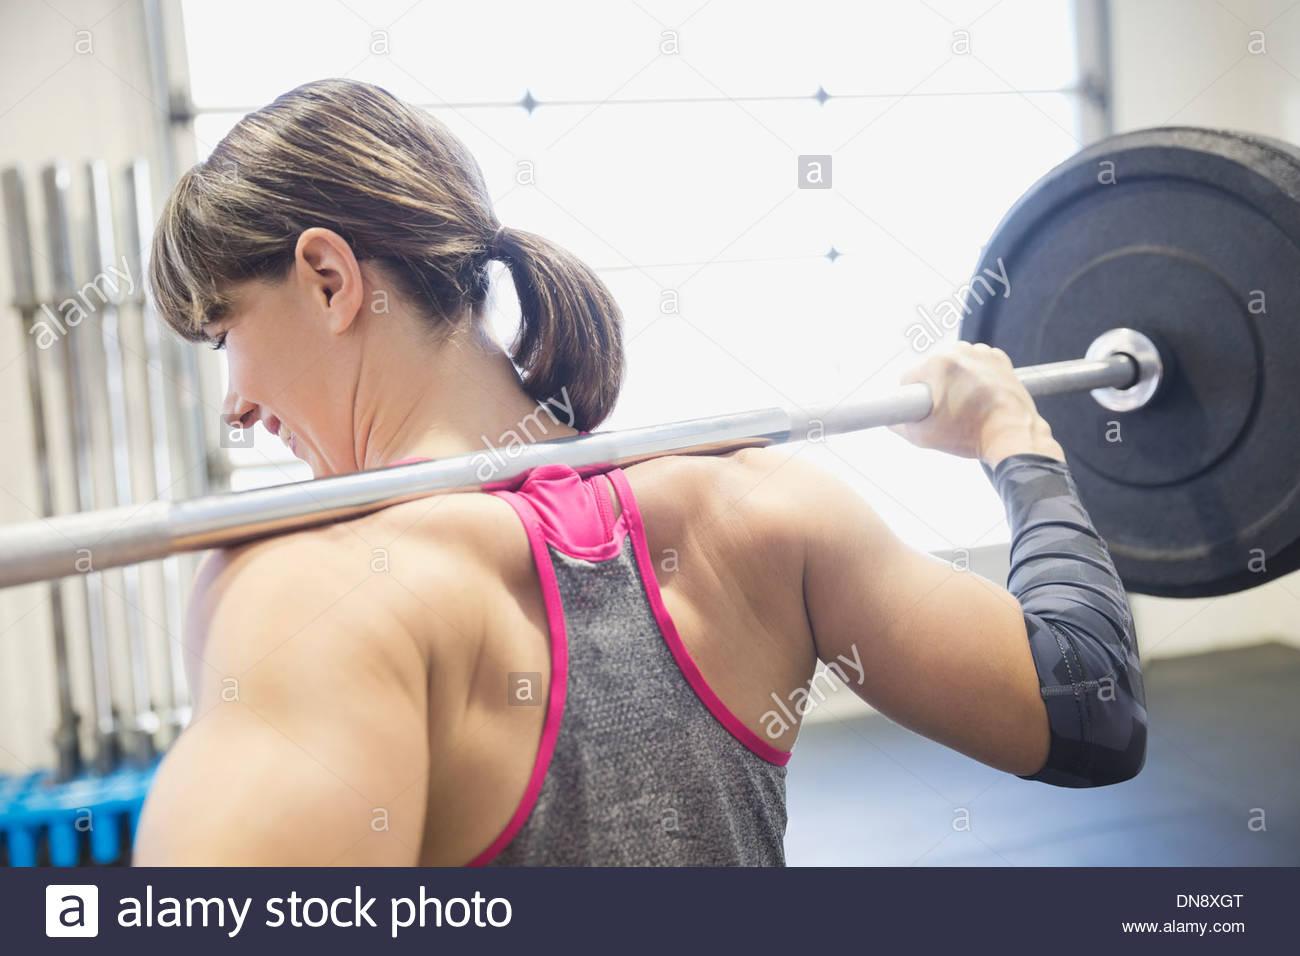 Donna con barbell sulle spalle Immagini Stock